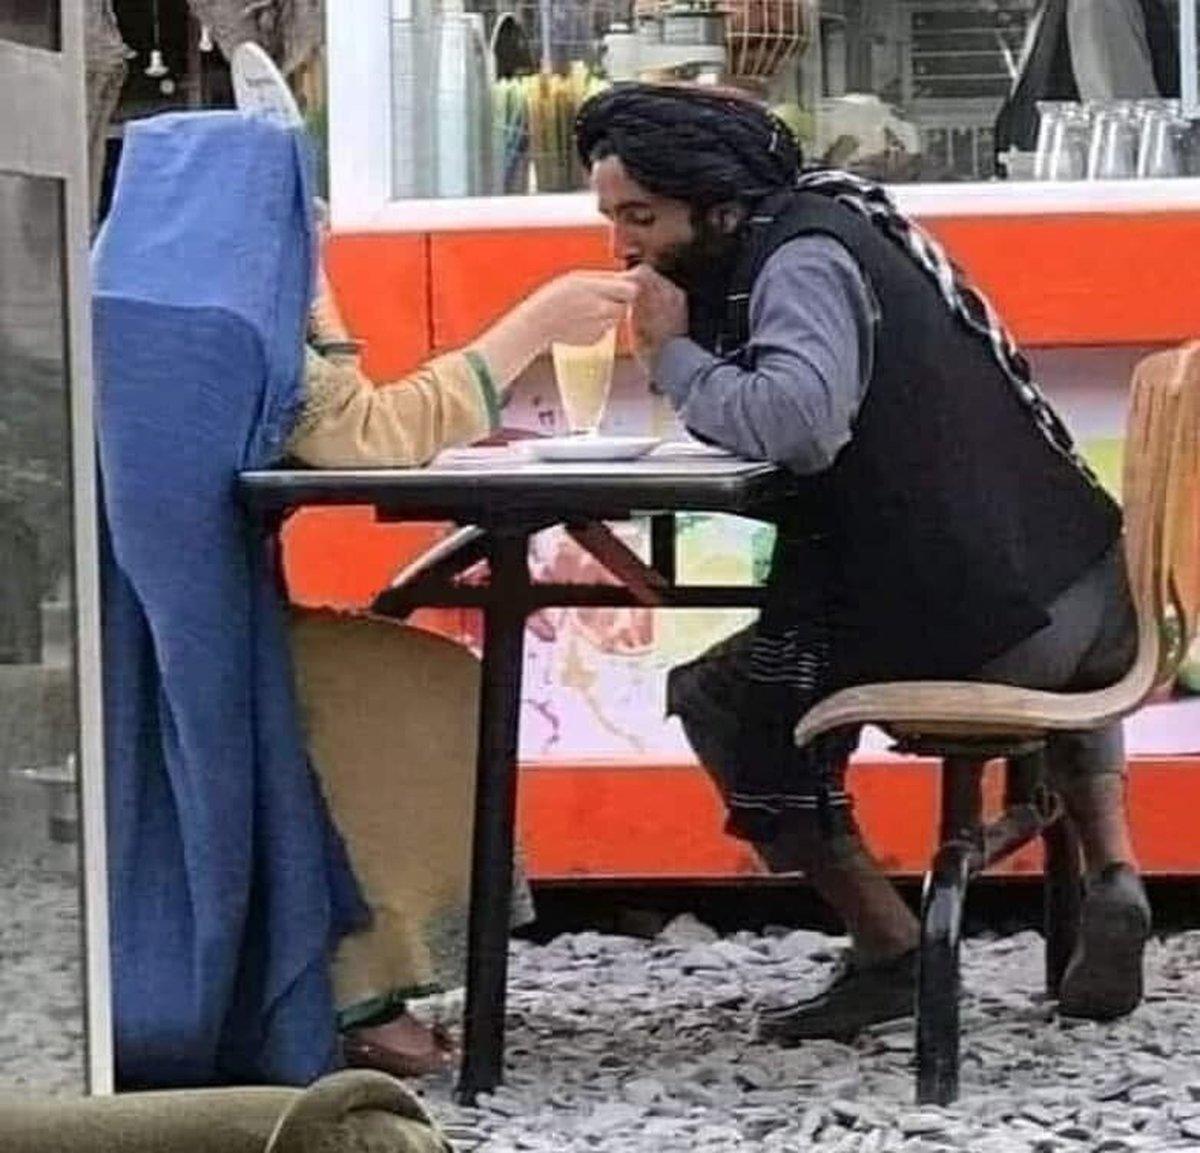 قرار عاشقانه یک جنگجوی طالبان در کافه سیار در کابل! +عکس